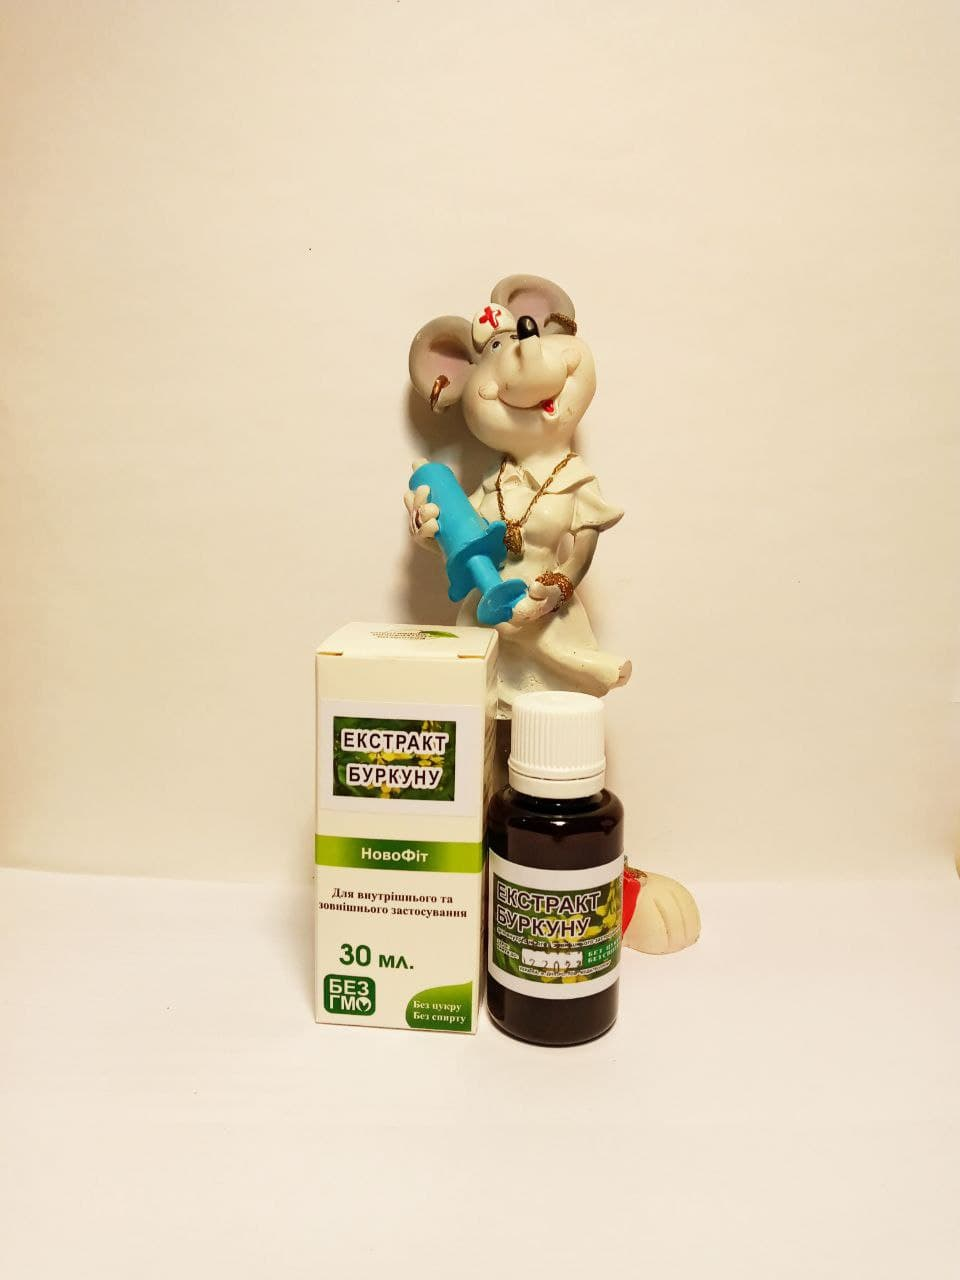 Донник (буркун) как как противовоспалительное, успокаивающее, отхаркивающее, антикоагулирующее и повышающее лактацию средство фитотерапии